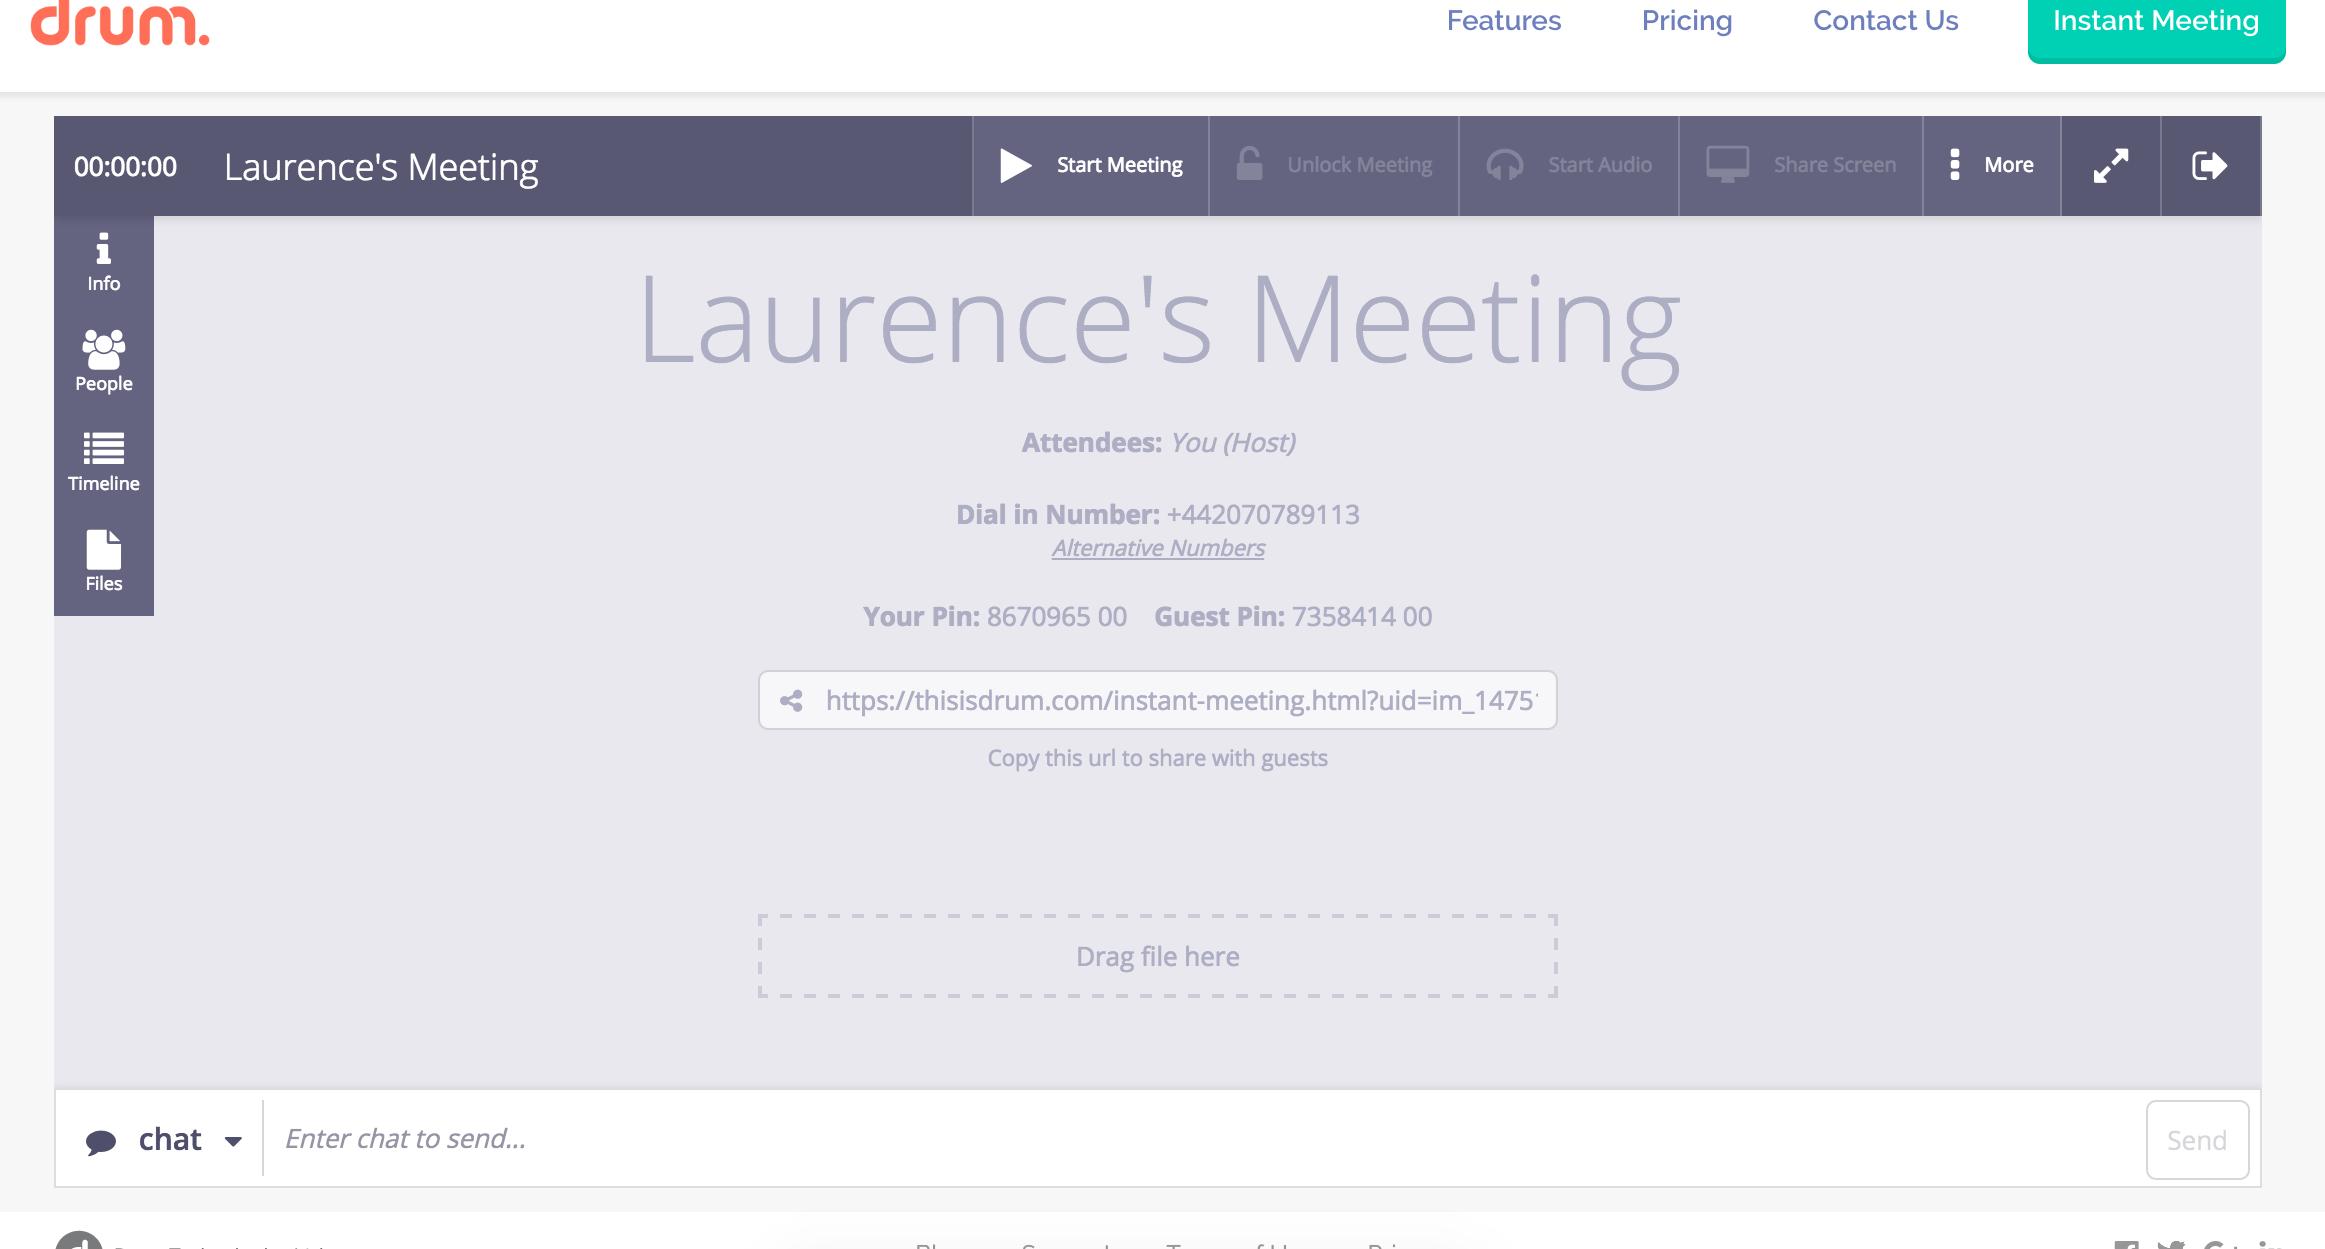 Meeting dashboard